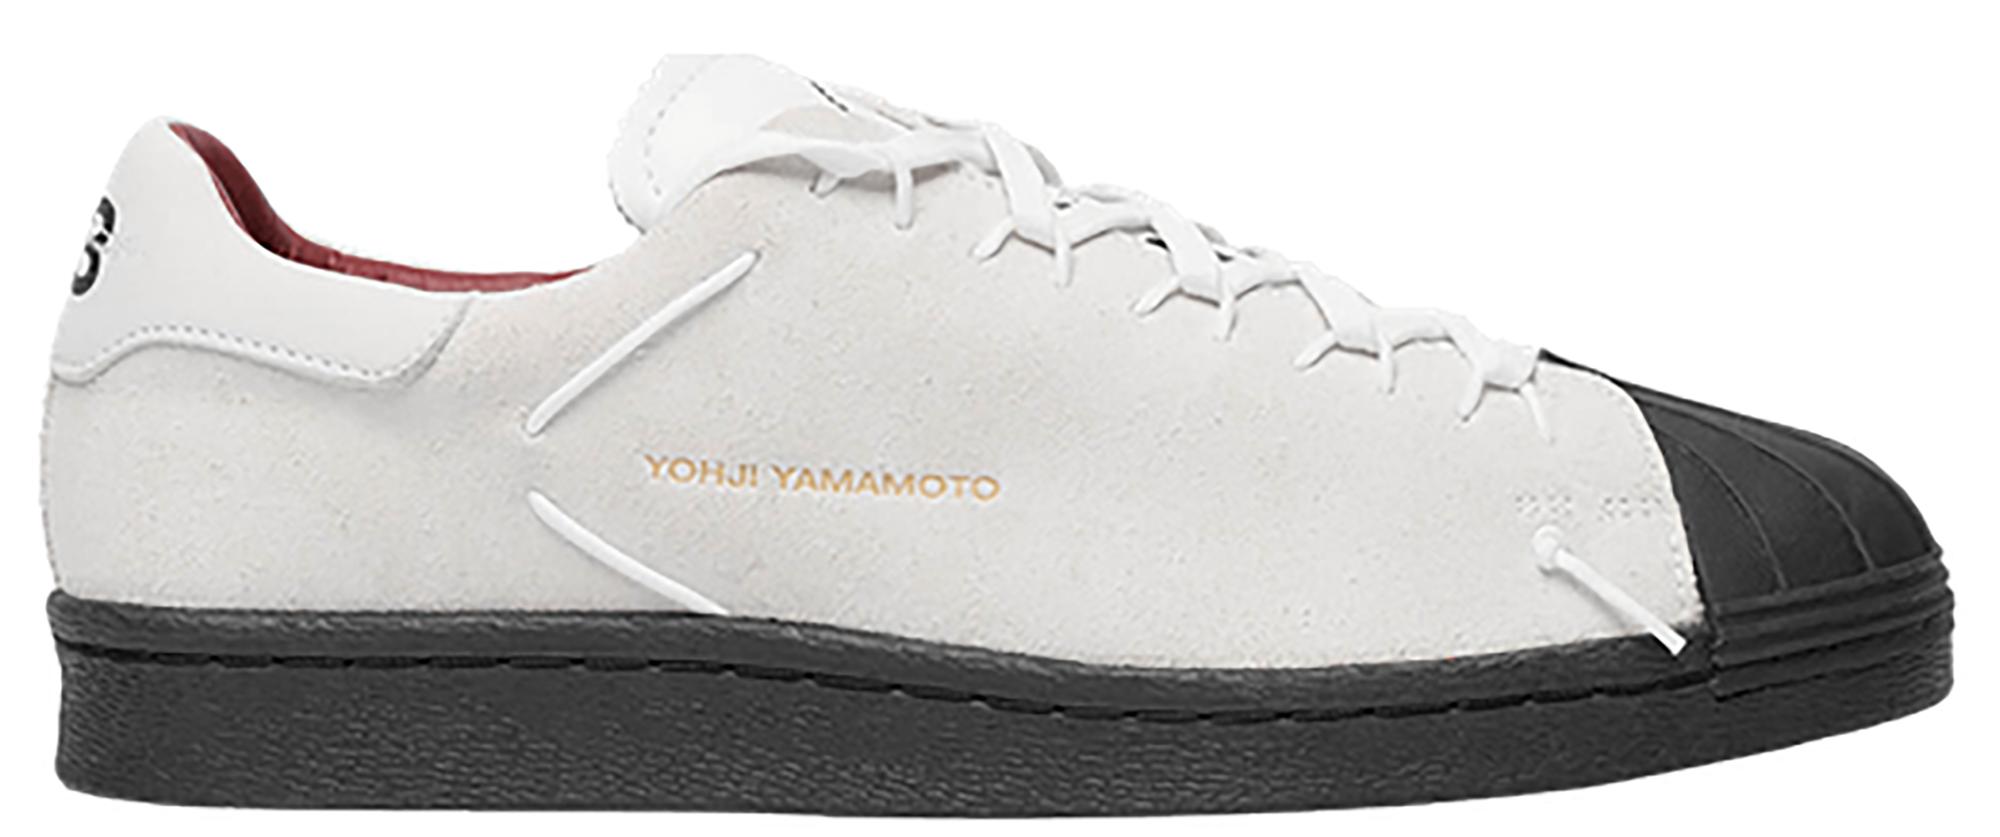 adidas Y-3 Super Knot White Black - CG6081